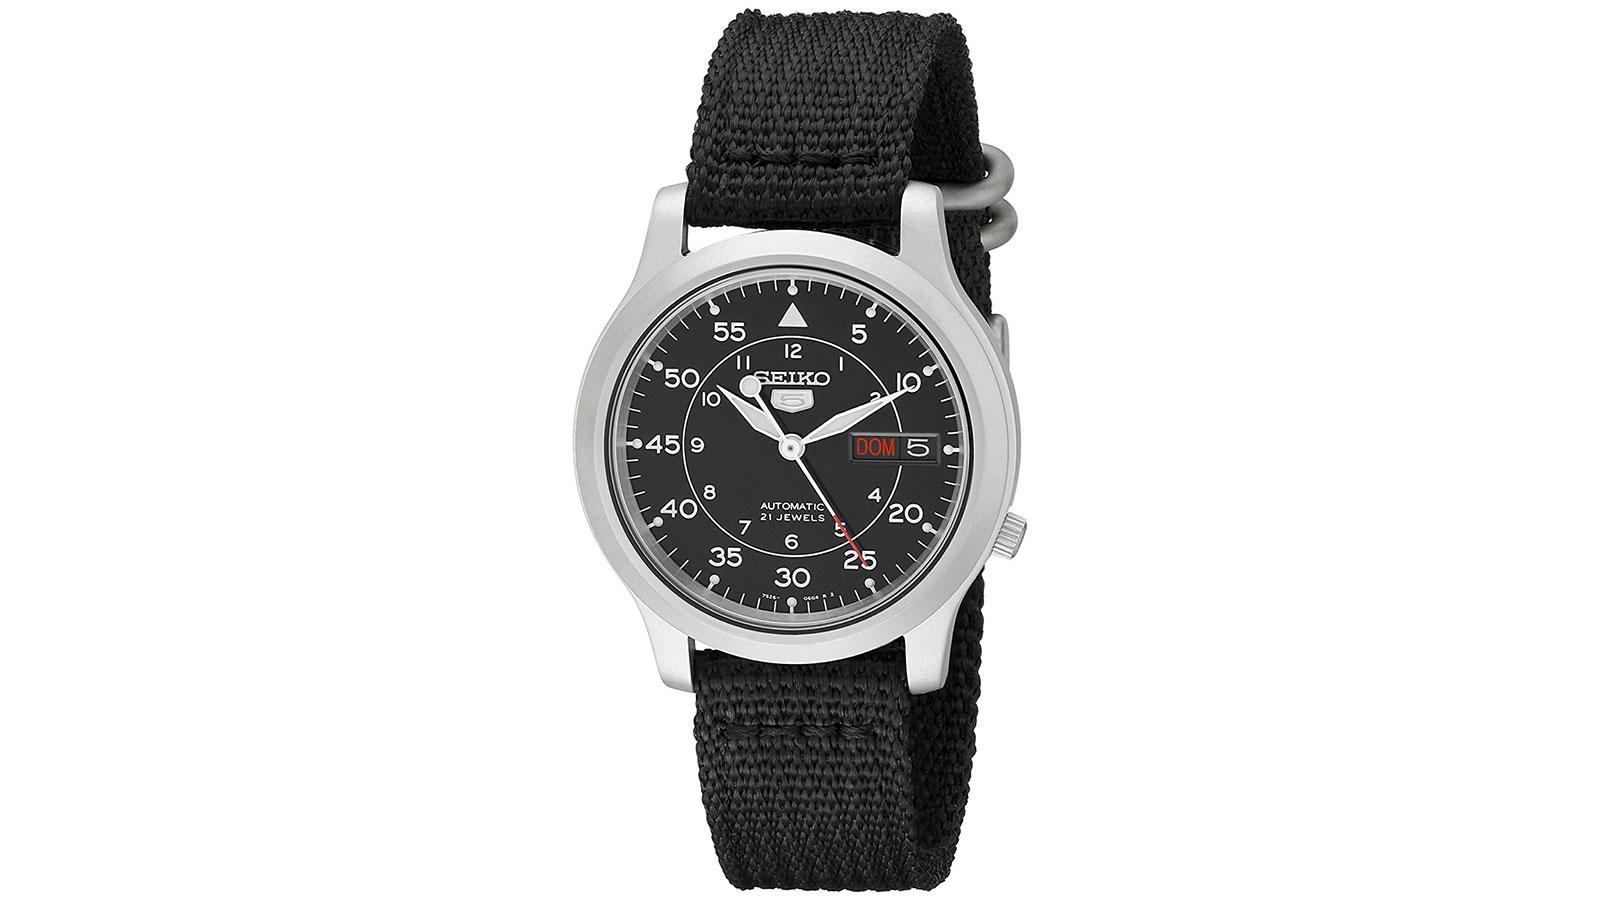 Seiko Men's SNK809 Watch   best men's watches under $100